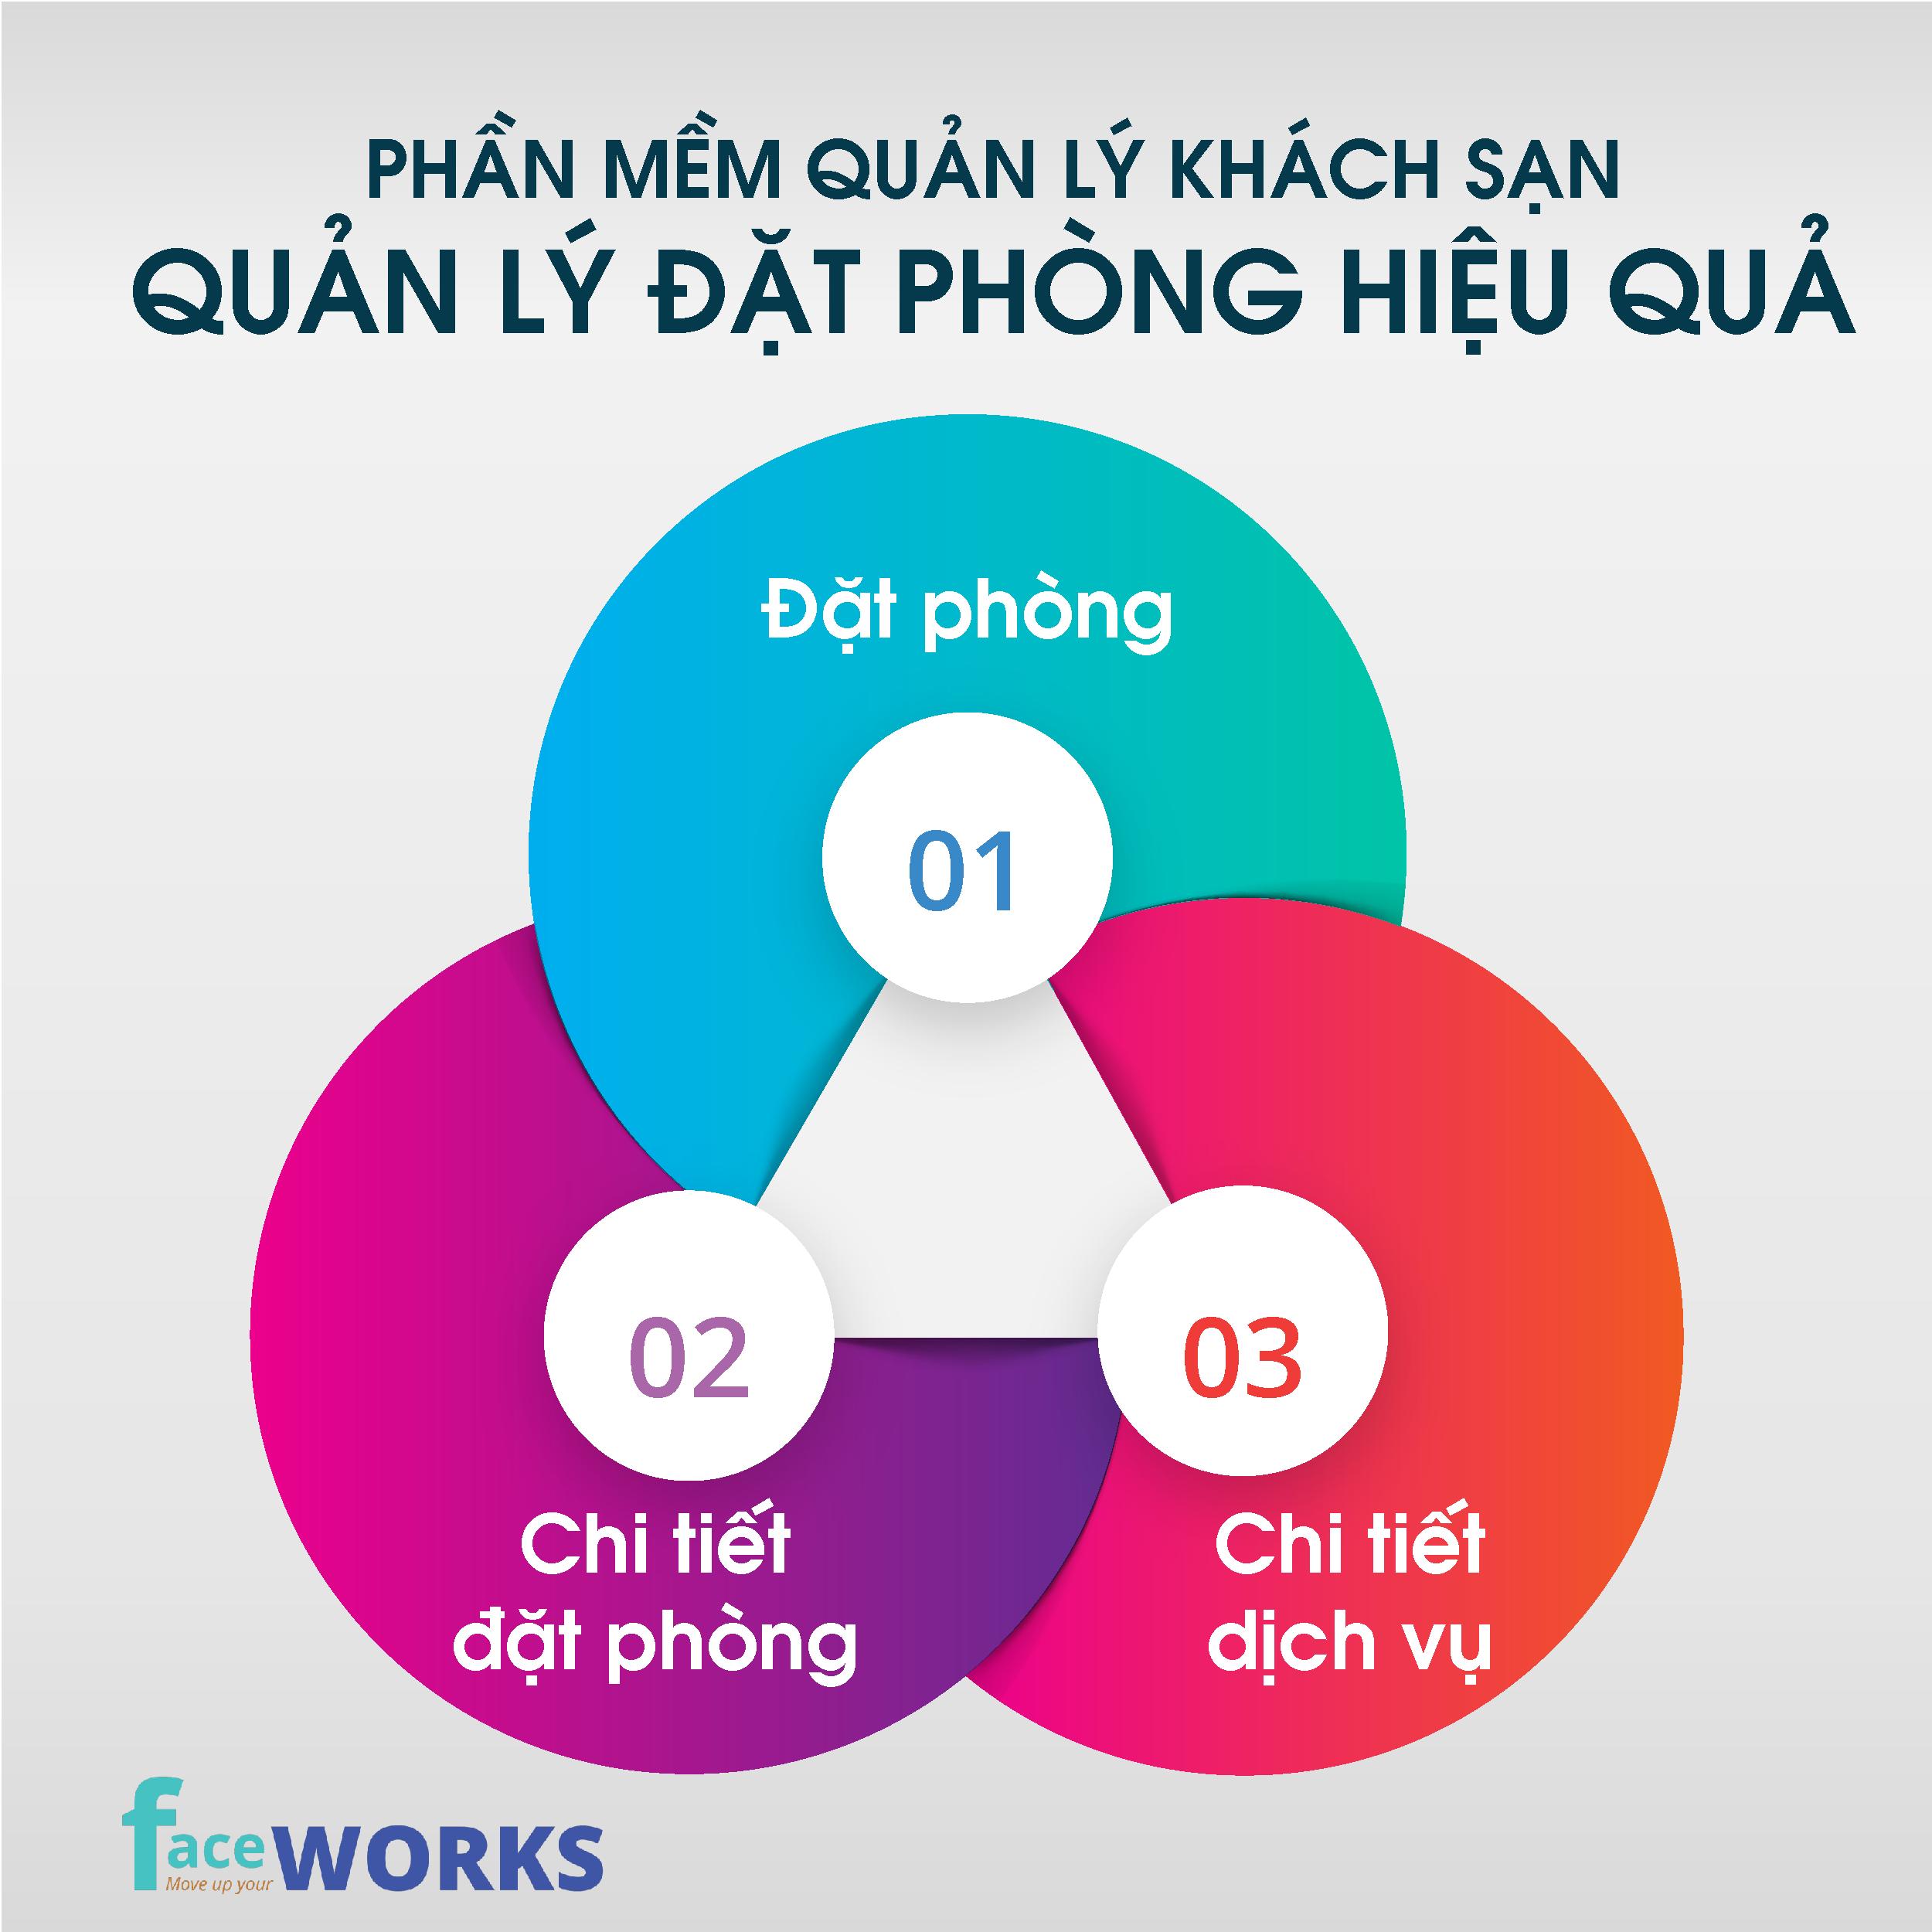 kiem soat chat che qua trinh dat phong khach san bang phan mem